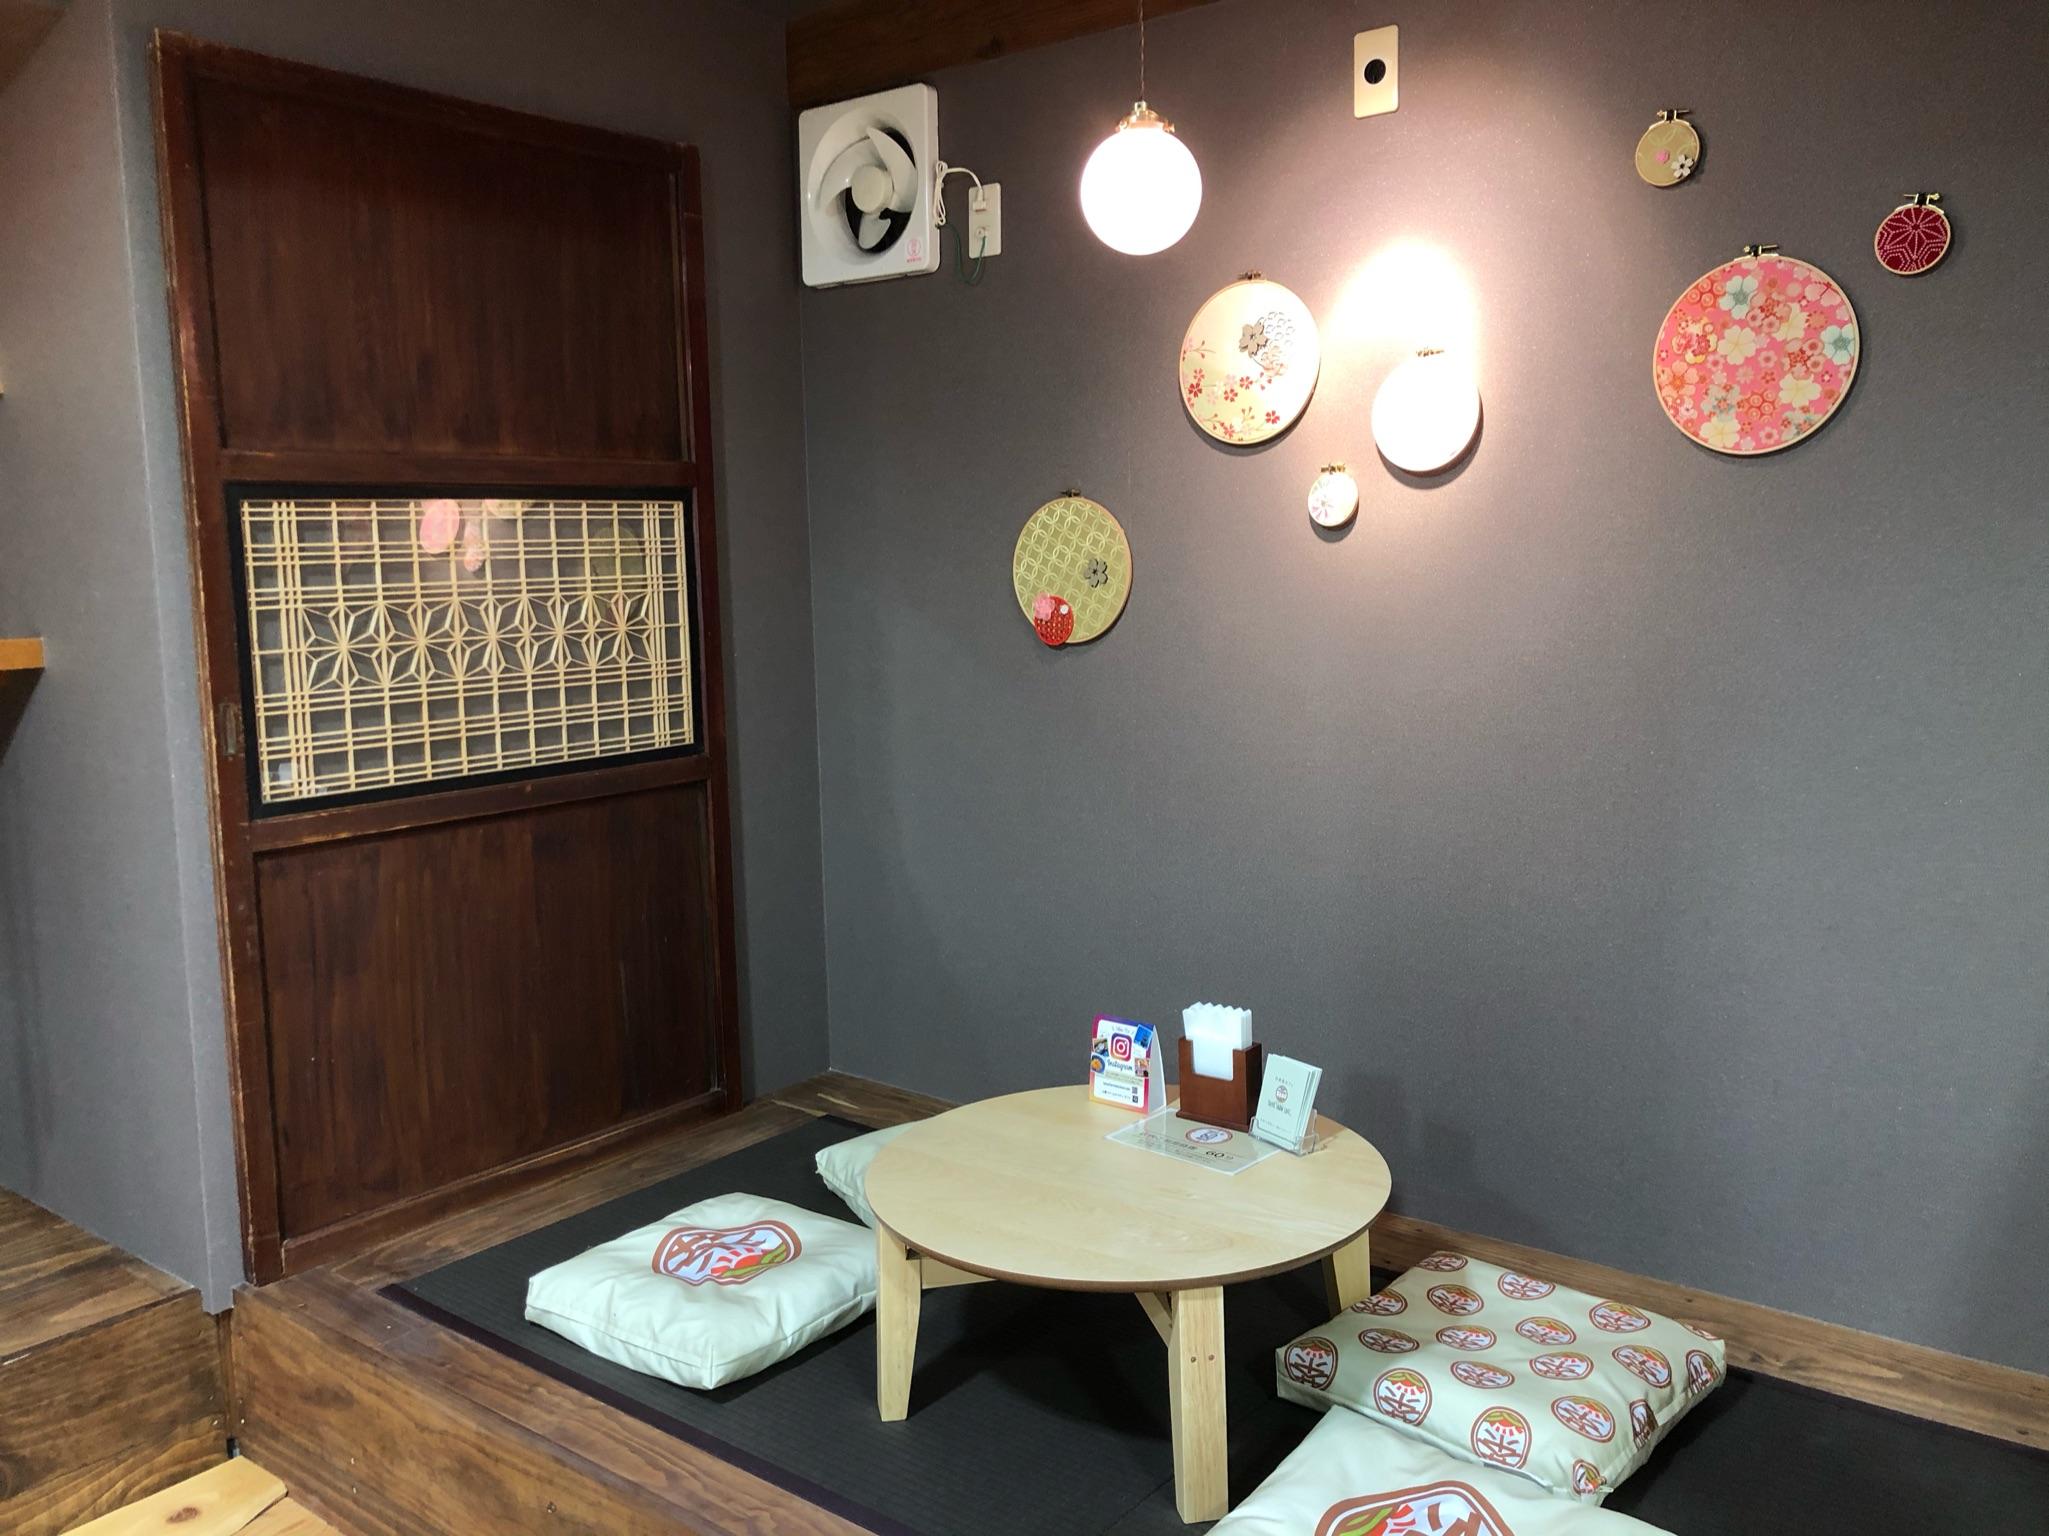 日本茶カフェ,OEM,店舗デザイン,店舗内装,オリジナル商品,和モダン和室